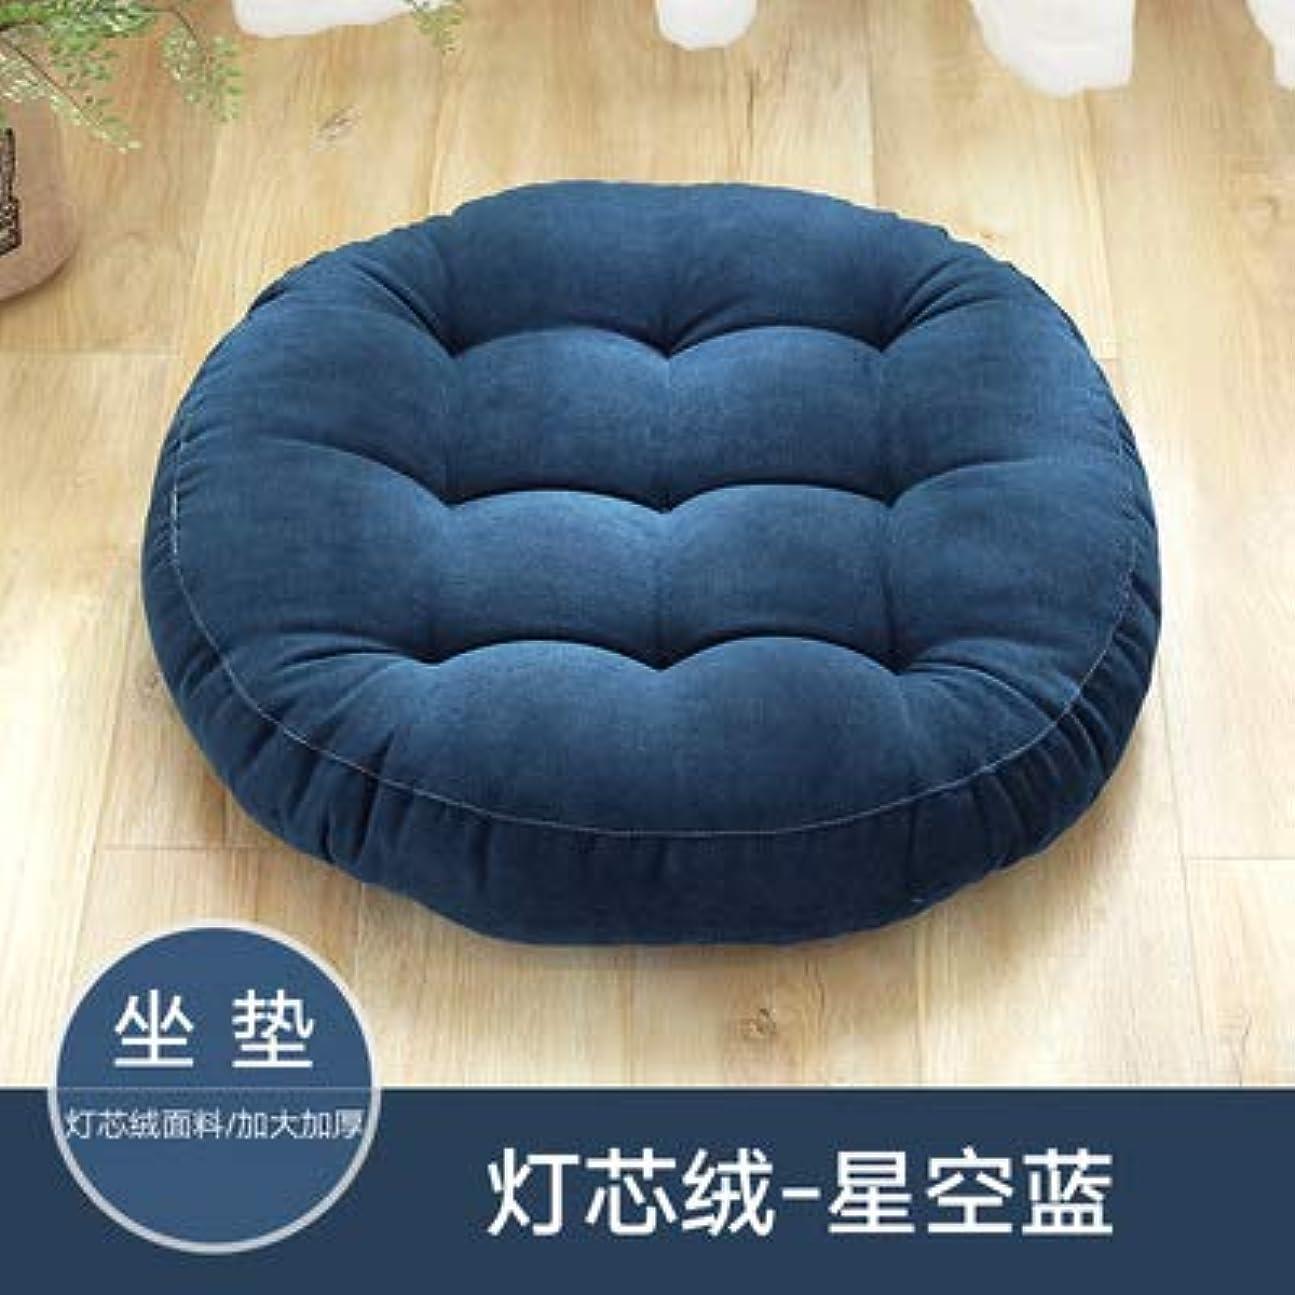 氏電話する迫害するLIFE ラウンド厚い椅子のクッションフロアマットレスシートパッドソフトホームオフィスチェアクッションマットソフトスロー枕最高品質の床クッション クッション 椅子